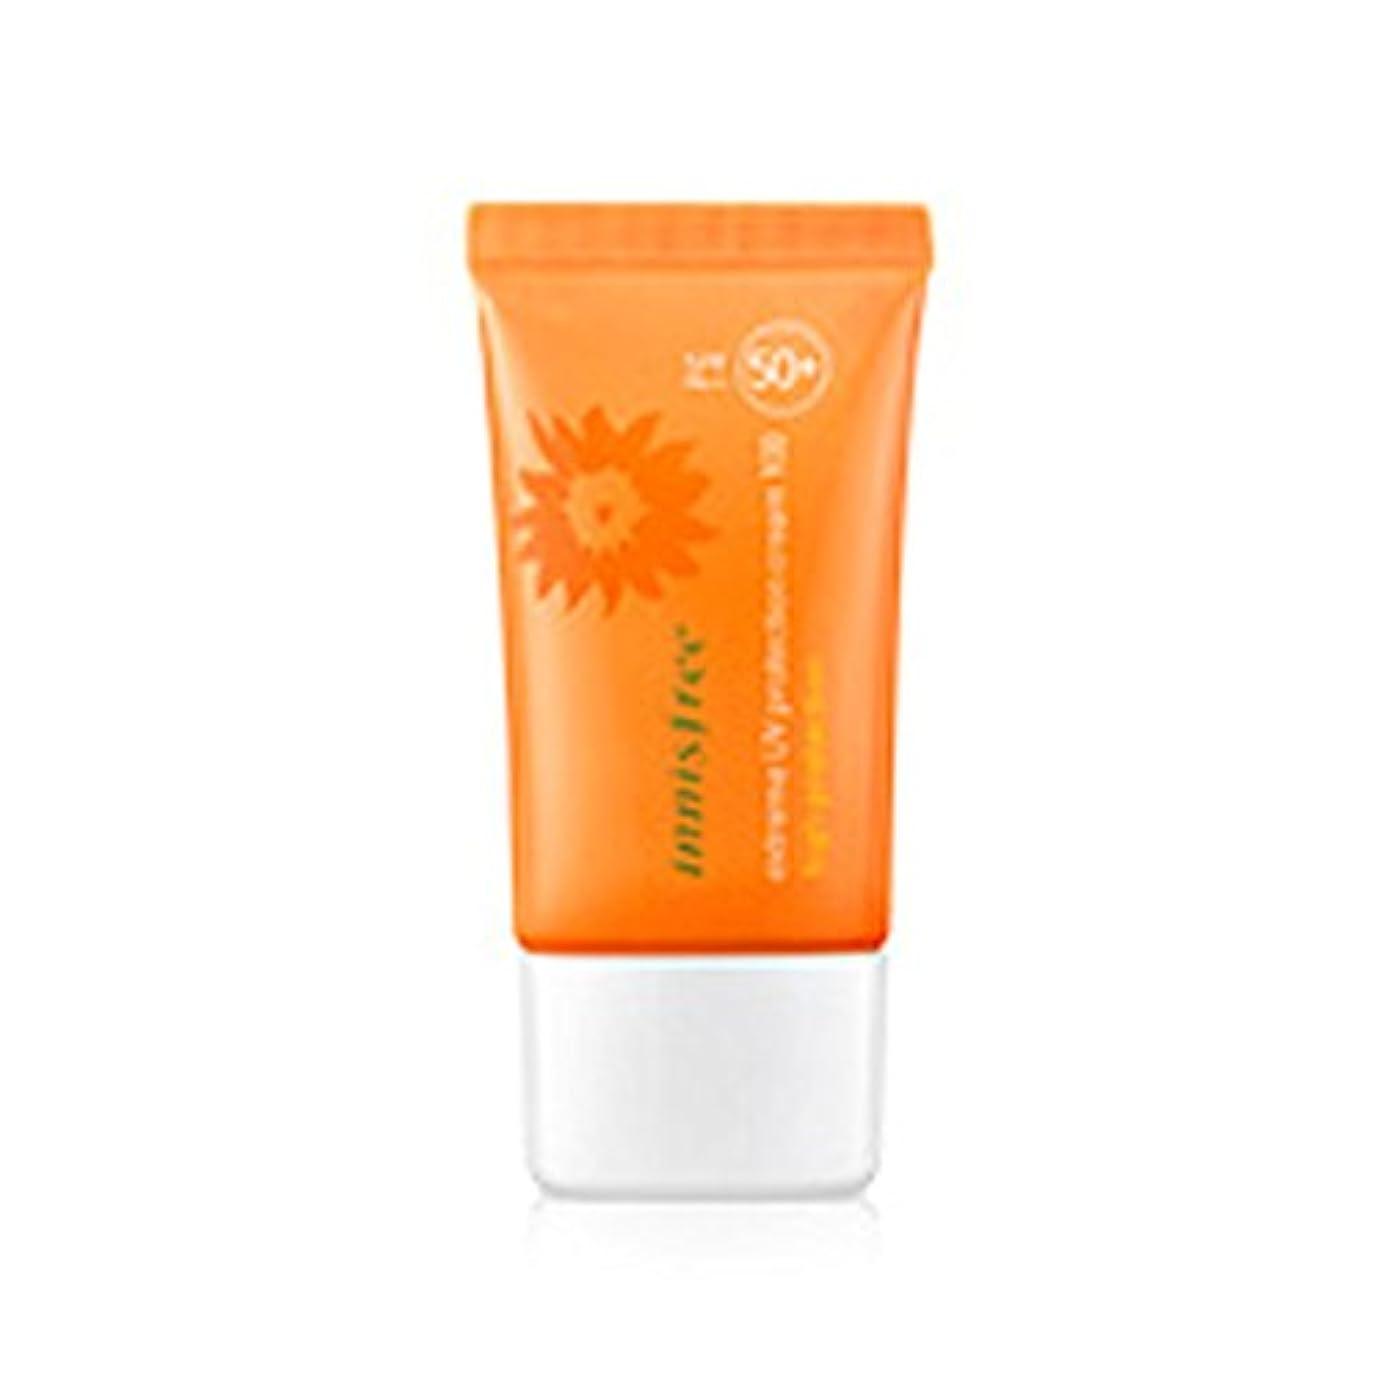 インタネットを見る植物学者鎮静剤イニスフリーエクストリームUVプロテクションクリーム100ハイプロテクション50ml   SPF50 + PA +++ Innisfree Extreme UV Protection Cream100 High Protection...